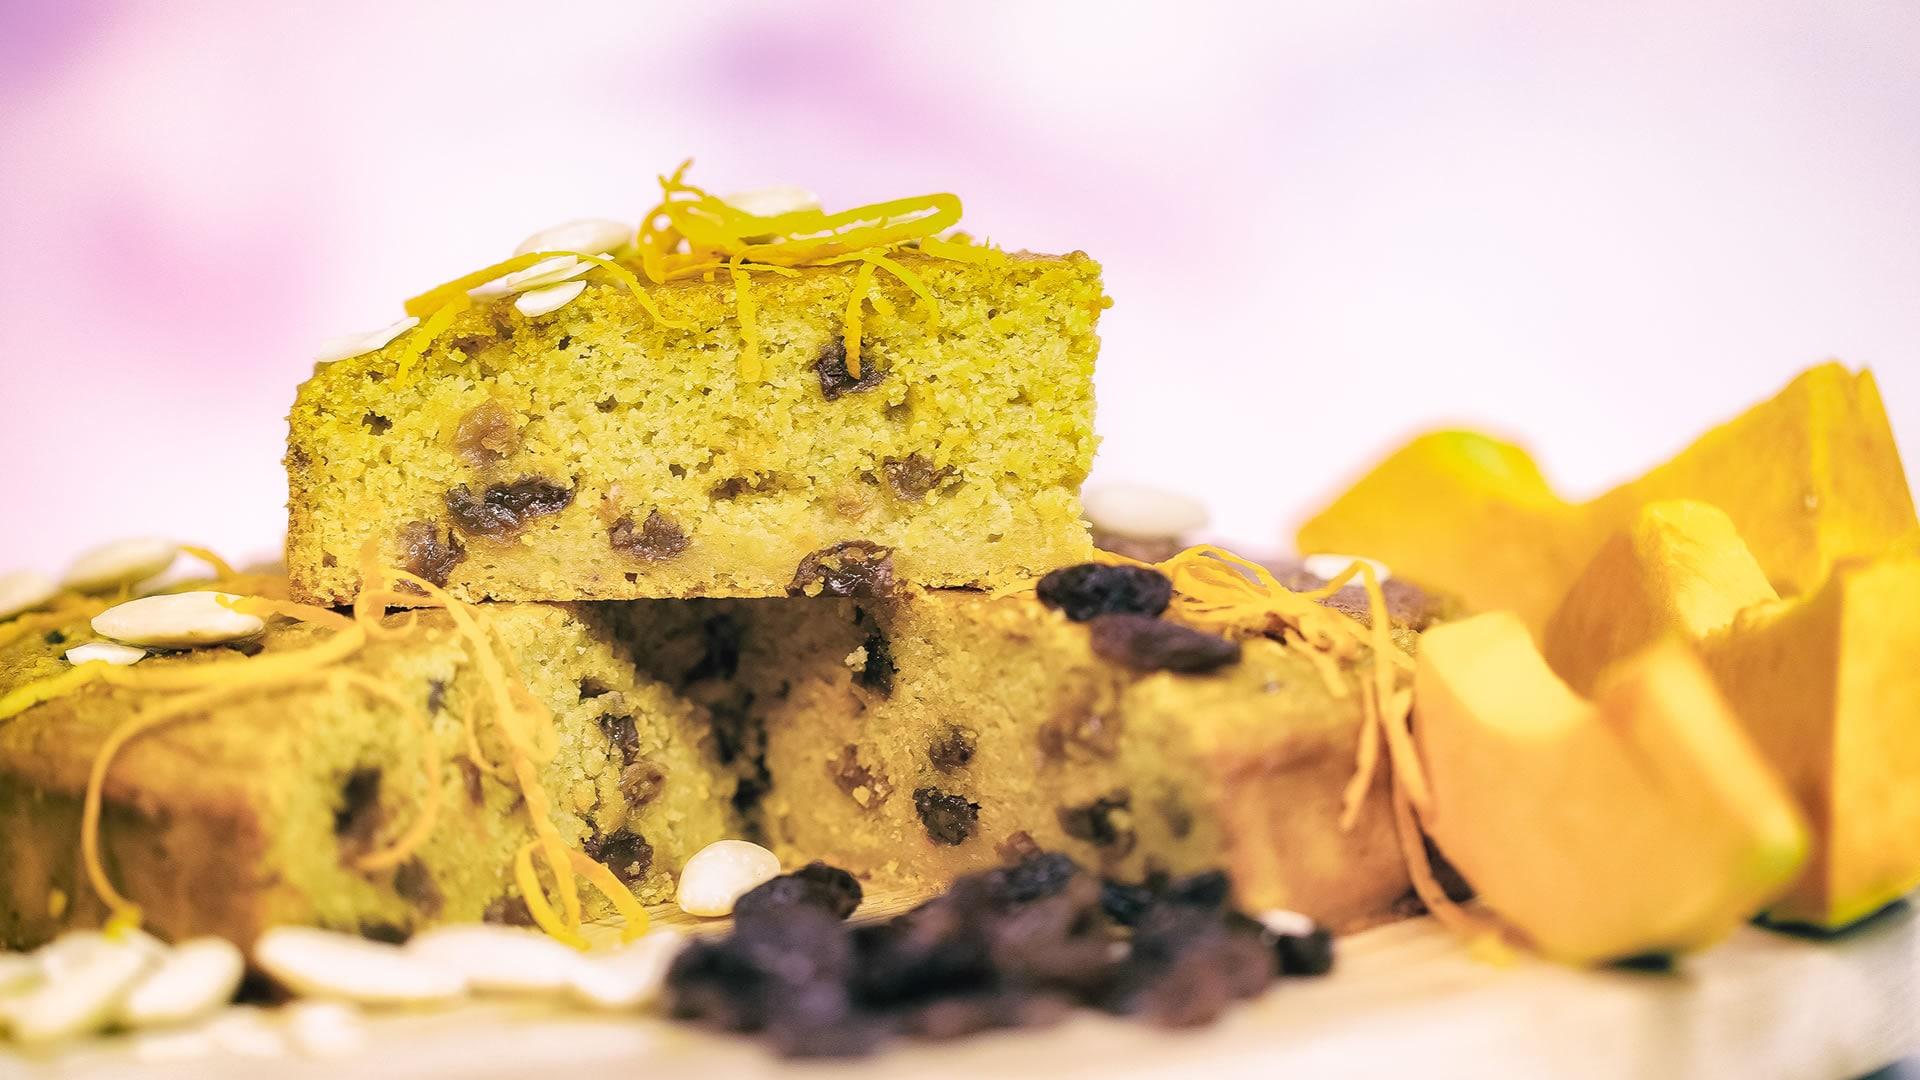 Foto Torta Strana con Zucca e Patate Dolci - Senza Zucchero, Burro, Uova